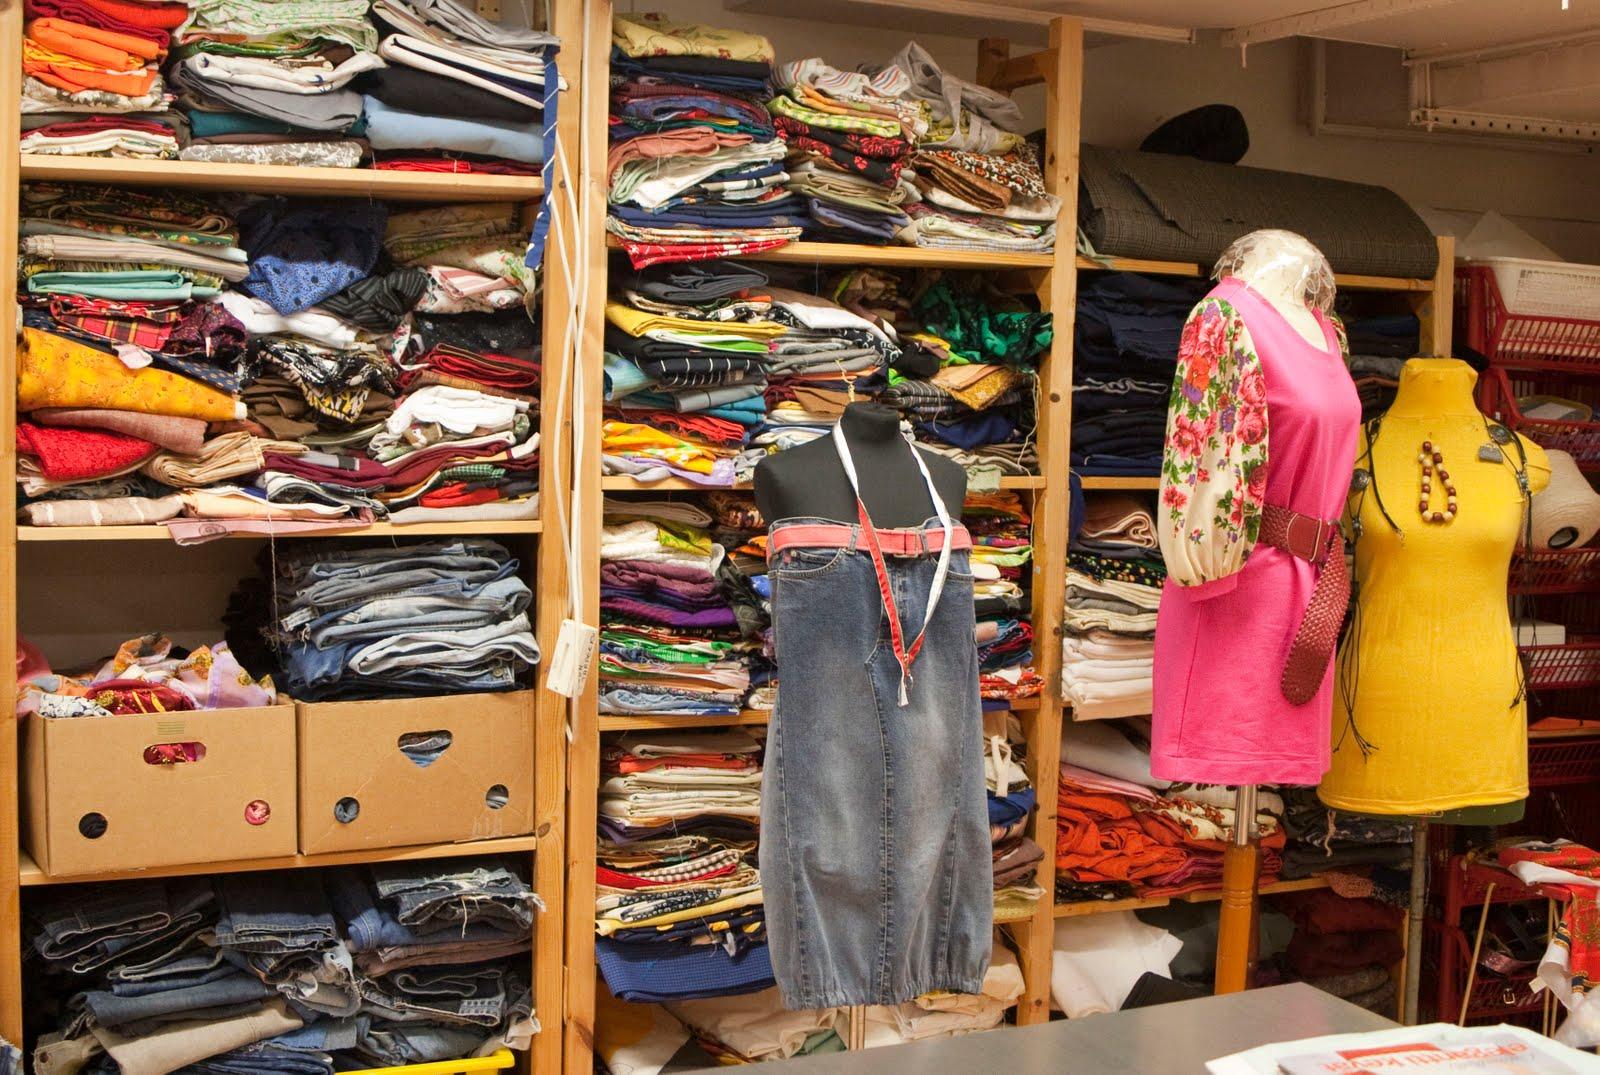 3eca616eb9adf Eskiden hiç tanımadığınız birinin eskilerini giymek ayıp sayılır, ikinci el  giyenlere 'bitli gençler' gözüyle bakılırdı. Oysa şimdi ikinci el giysi  satan ...